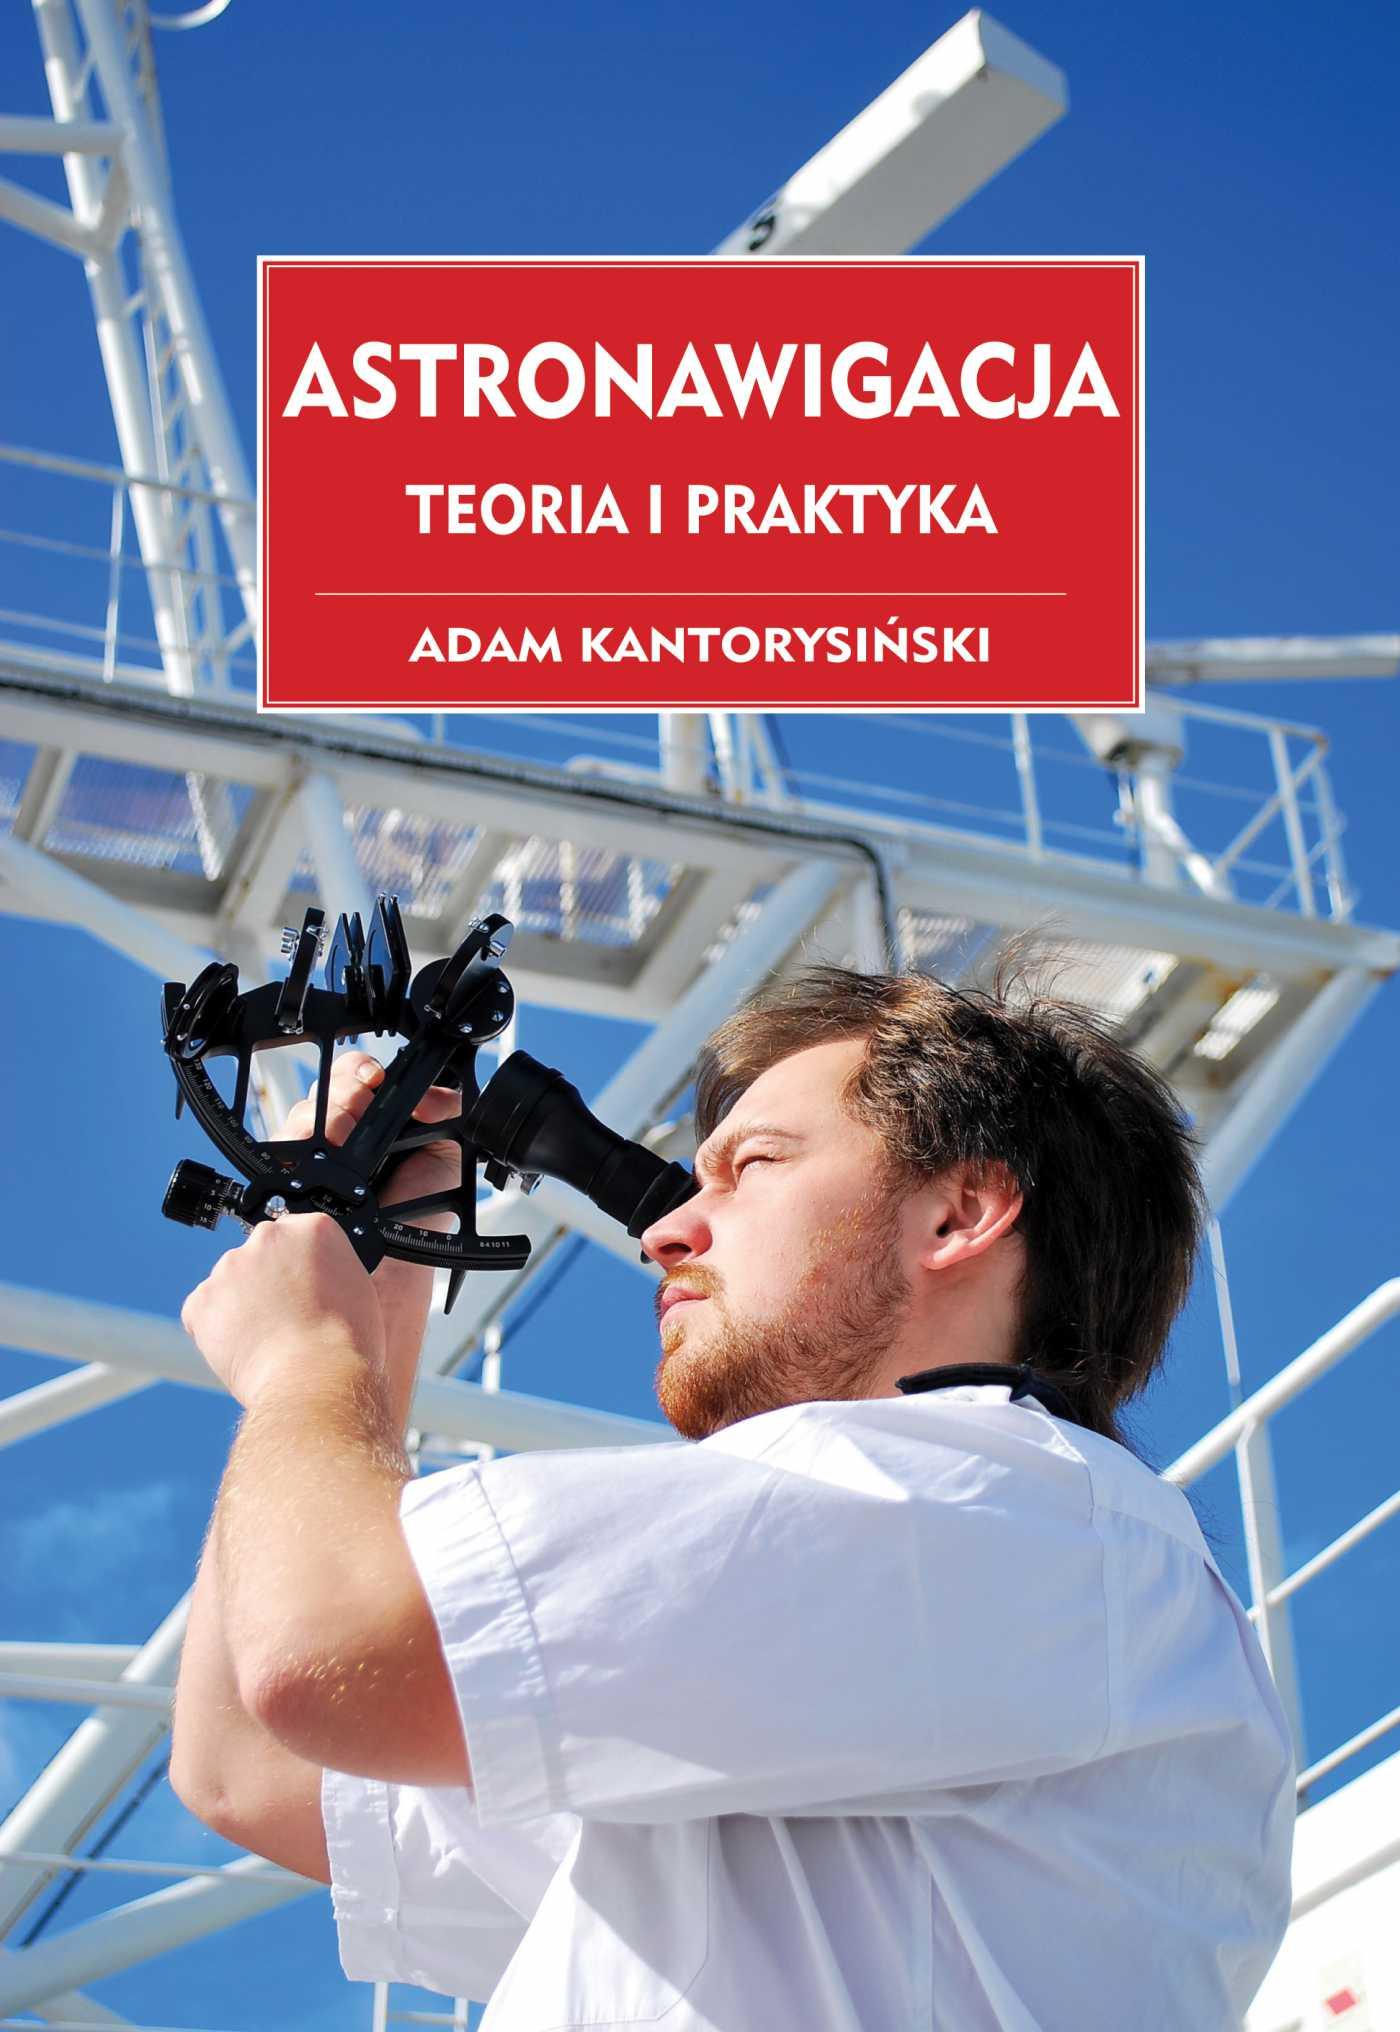 Astronawigacja. Teoria i praktyka - Ebook (Książka PDF) do pobrania w formacie PDF